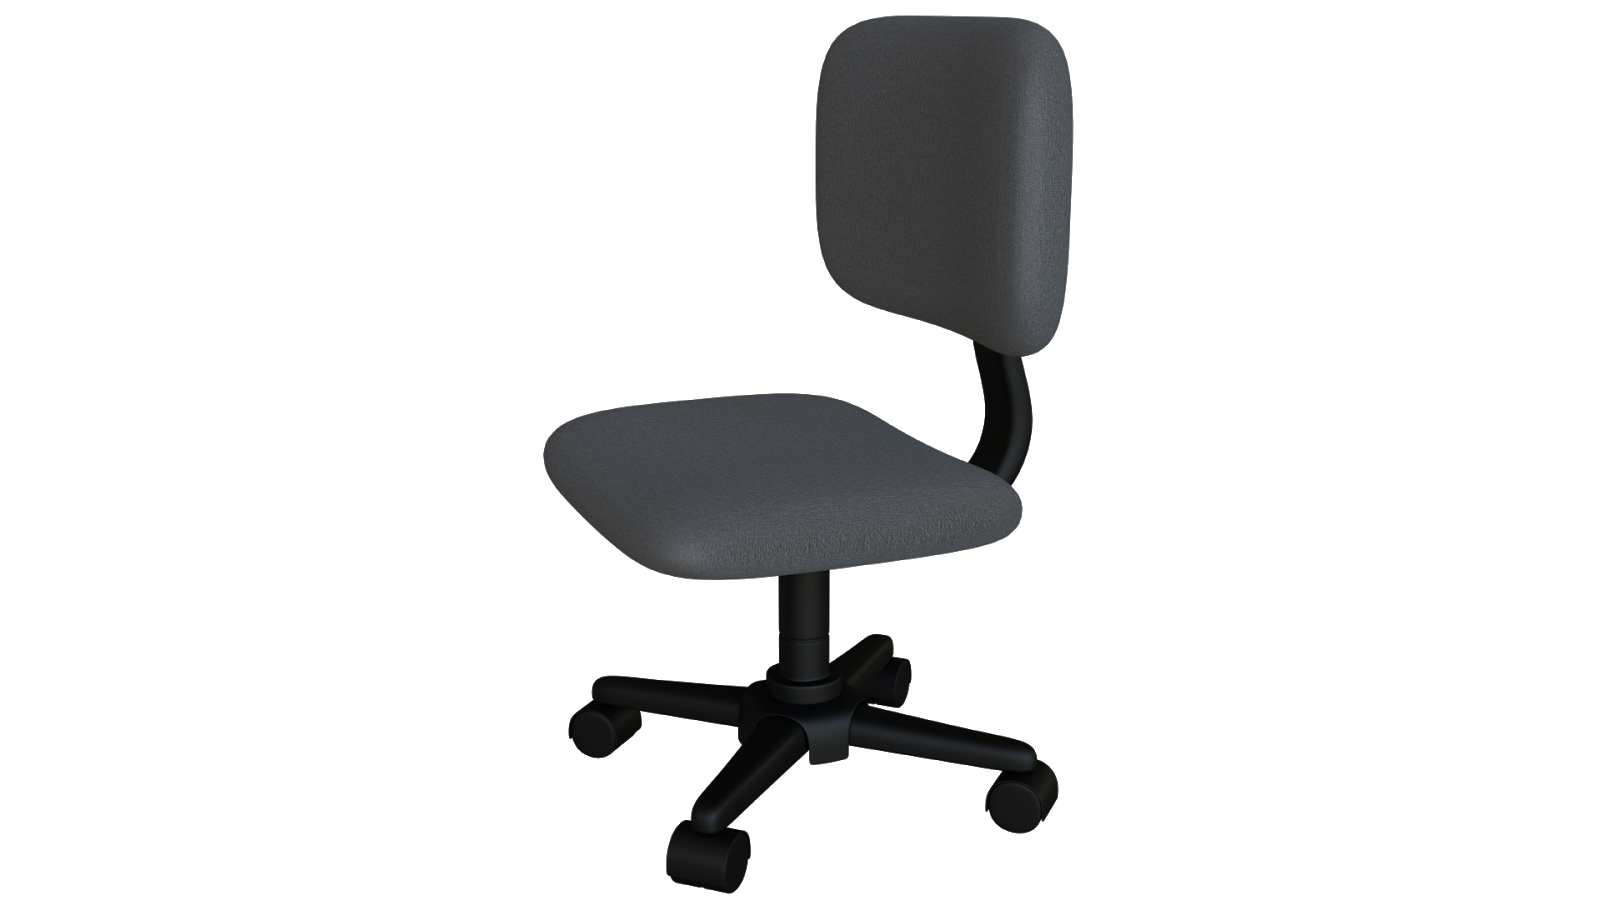 Free 3D Office Chair CC0 3DS - Free 3D Models Under Public Domain